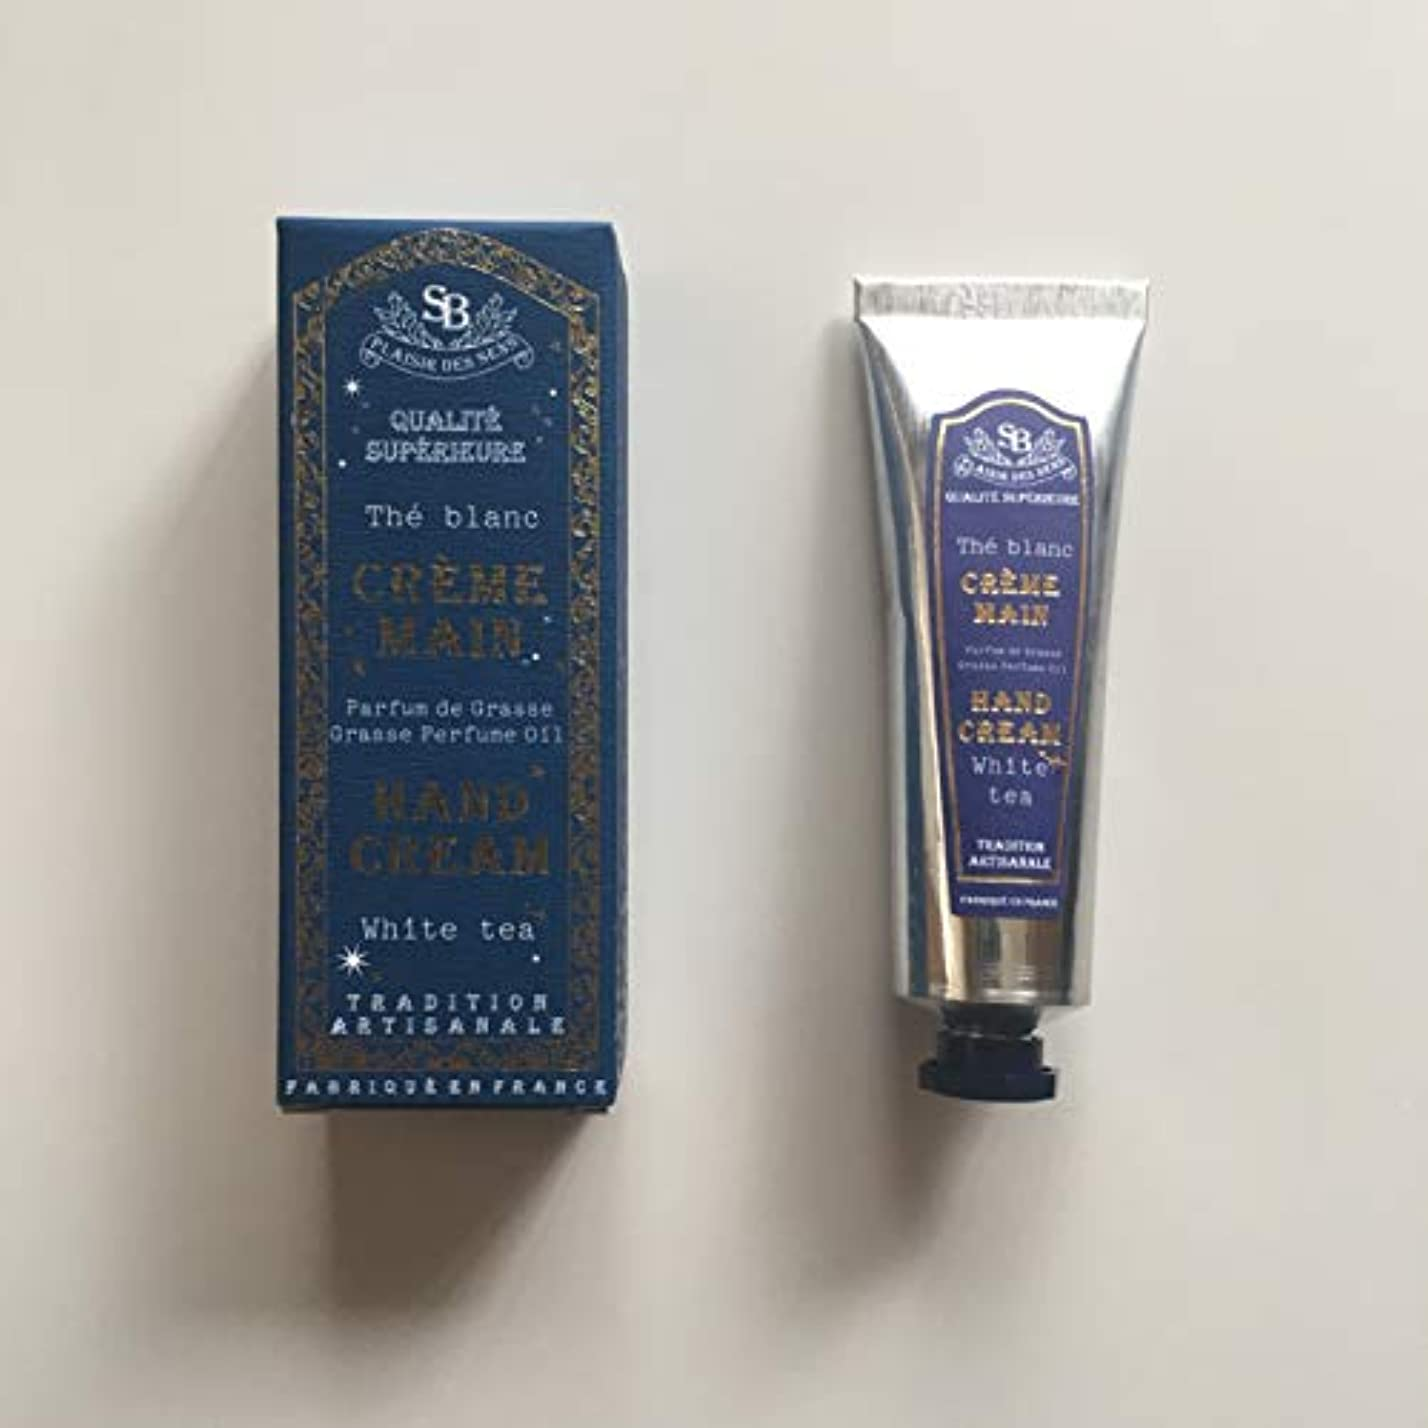 パイプ喉が渇いた解き明かすSenteur et Beaute(サンタールエボーテ) フレンチクラシック ハンドクリーム 冬期限定BOX (ホワイトティー)